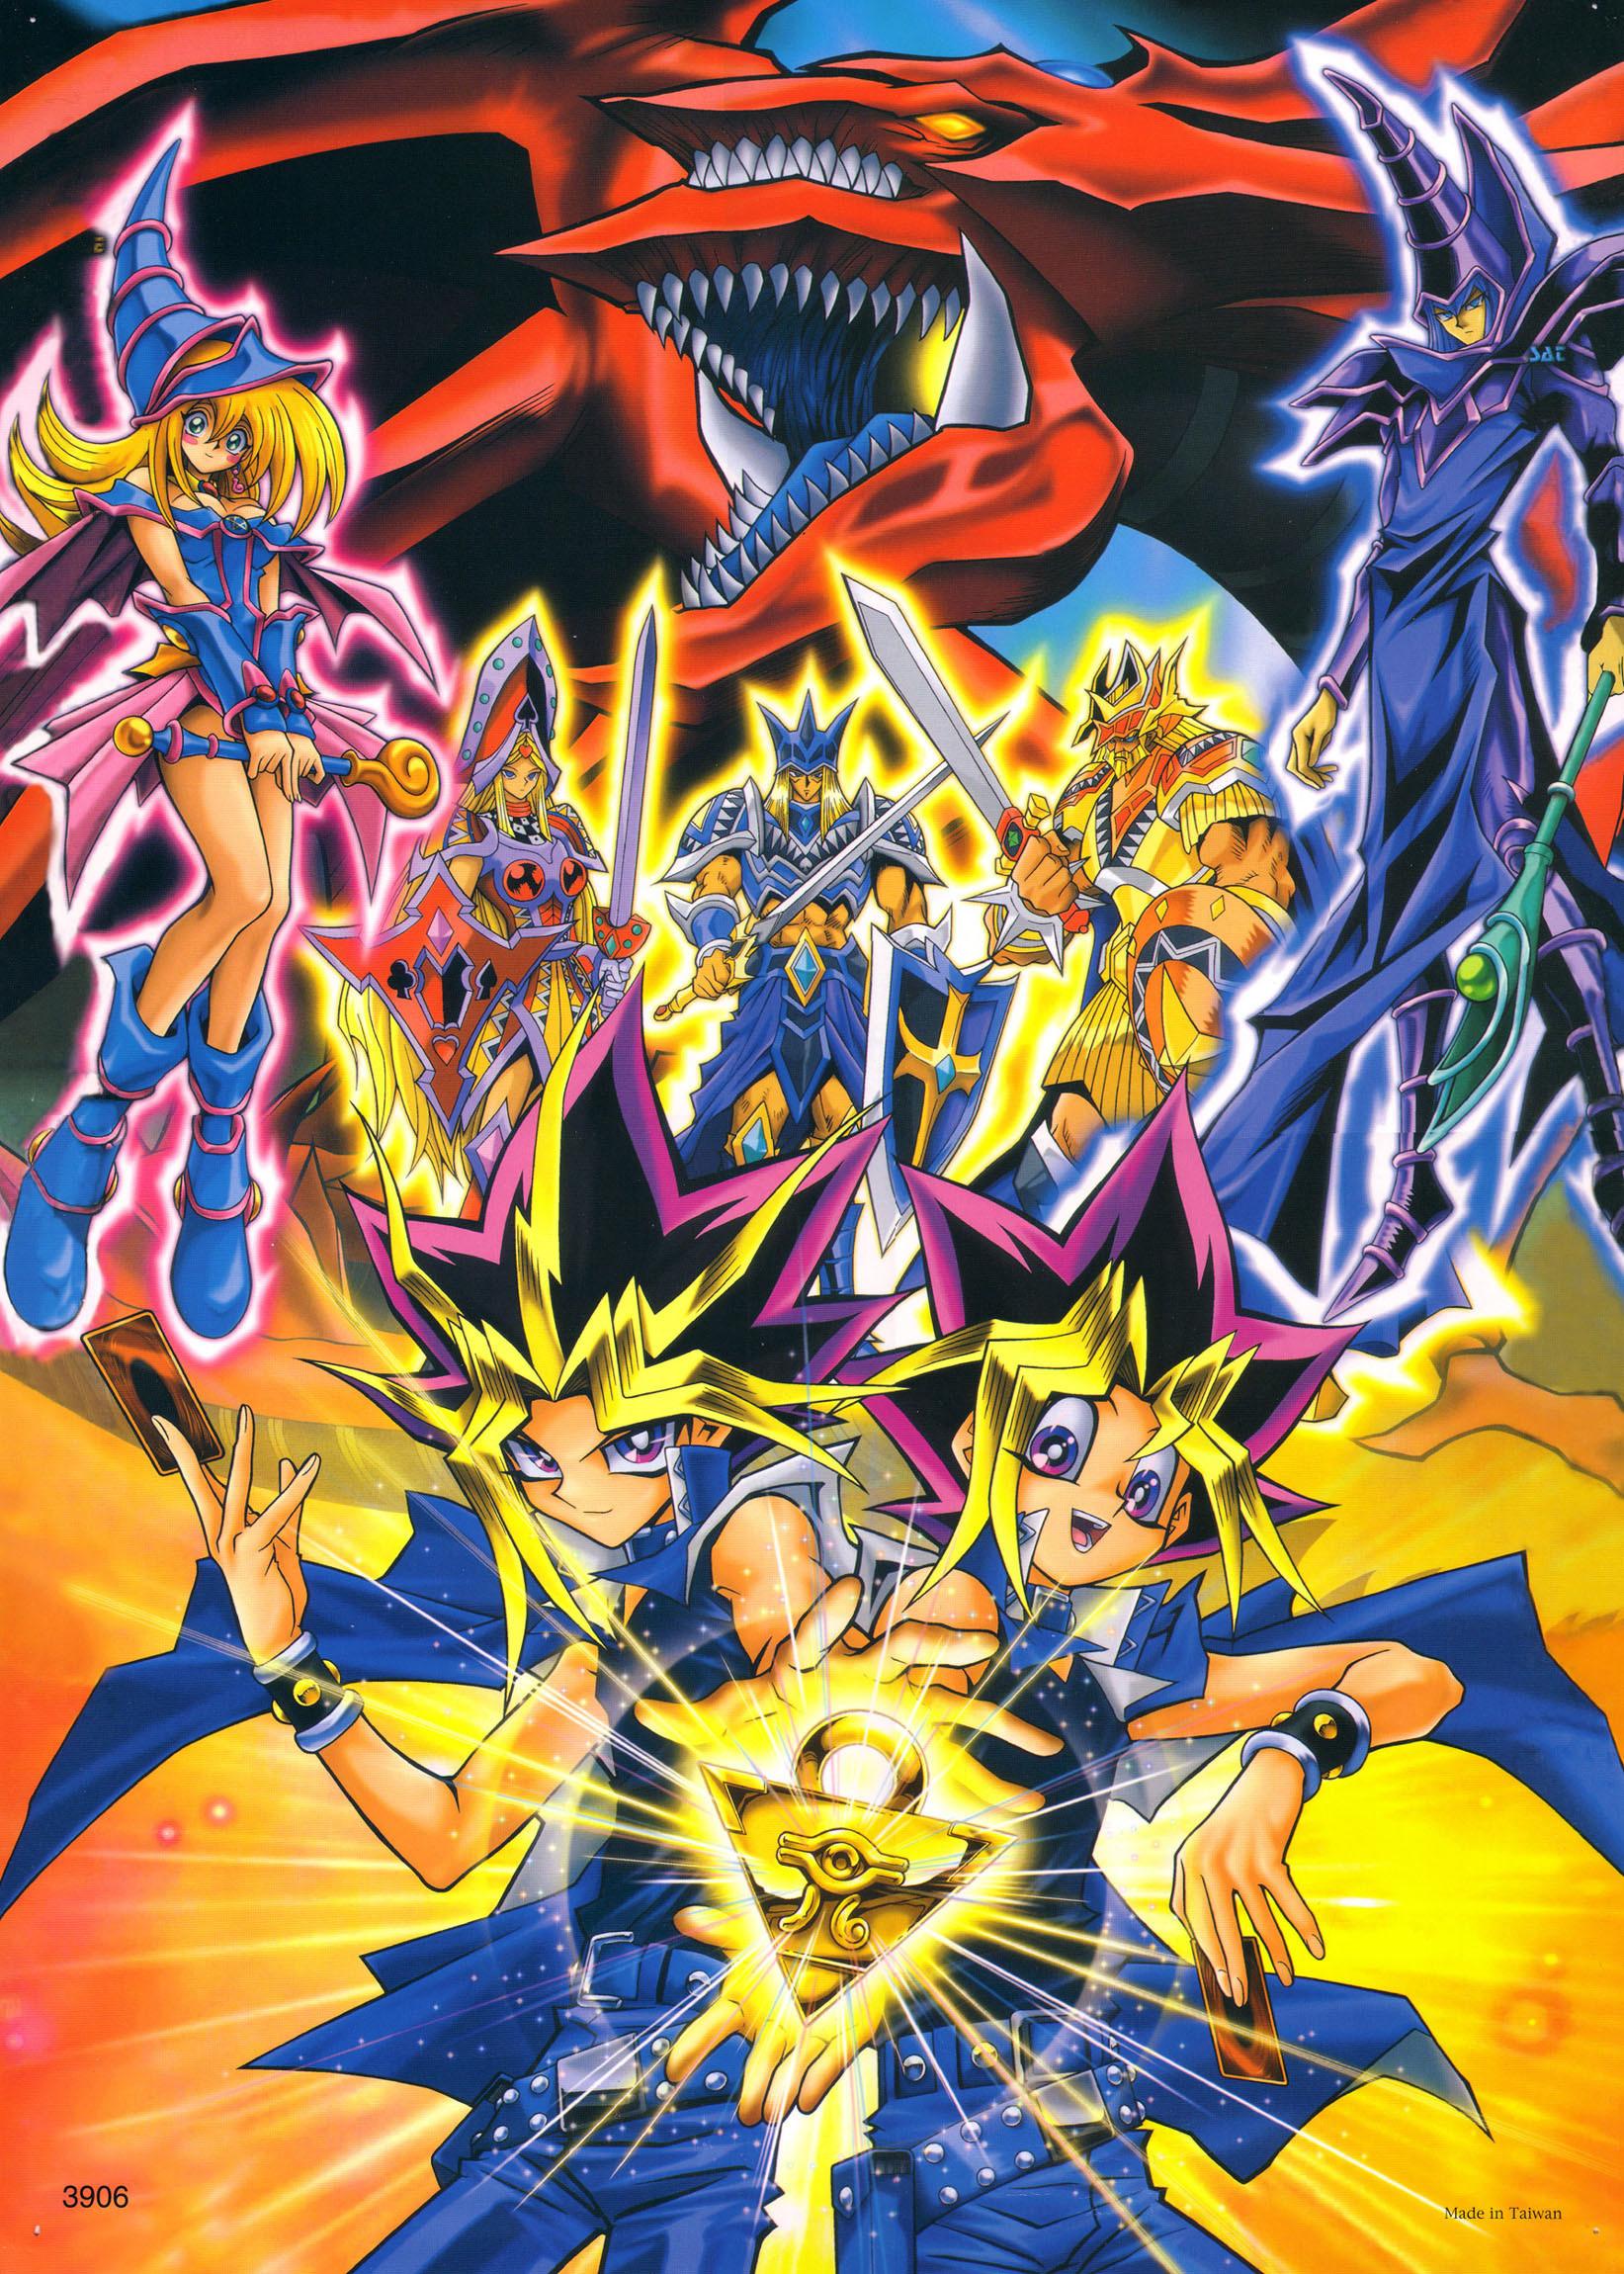 … download Yu-Gi-Oh! Duel Monsters image · 38 Fav Dark Magician